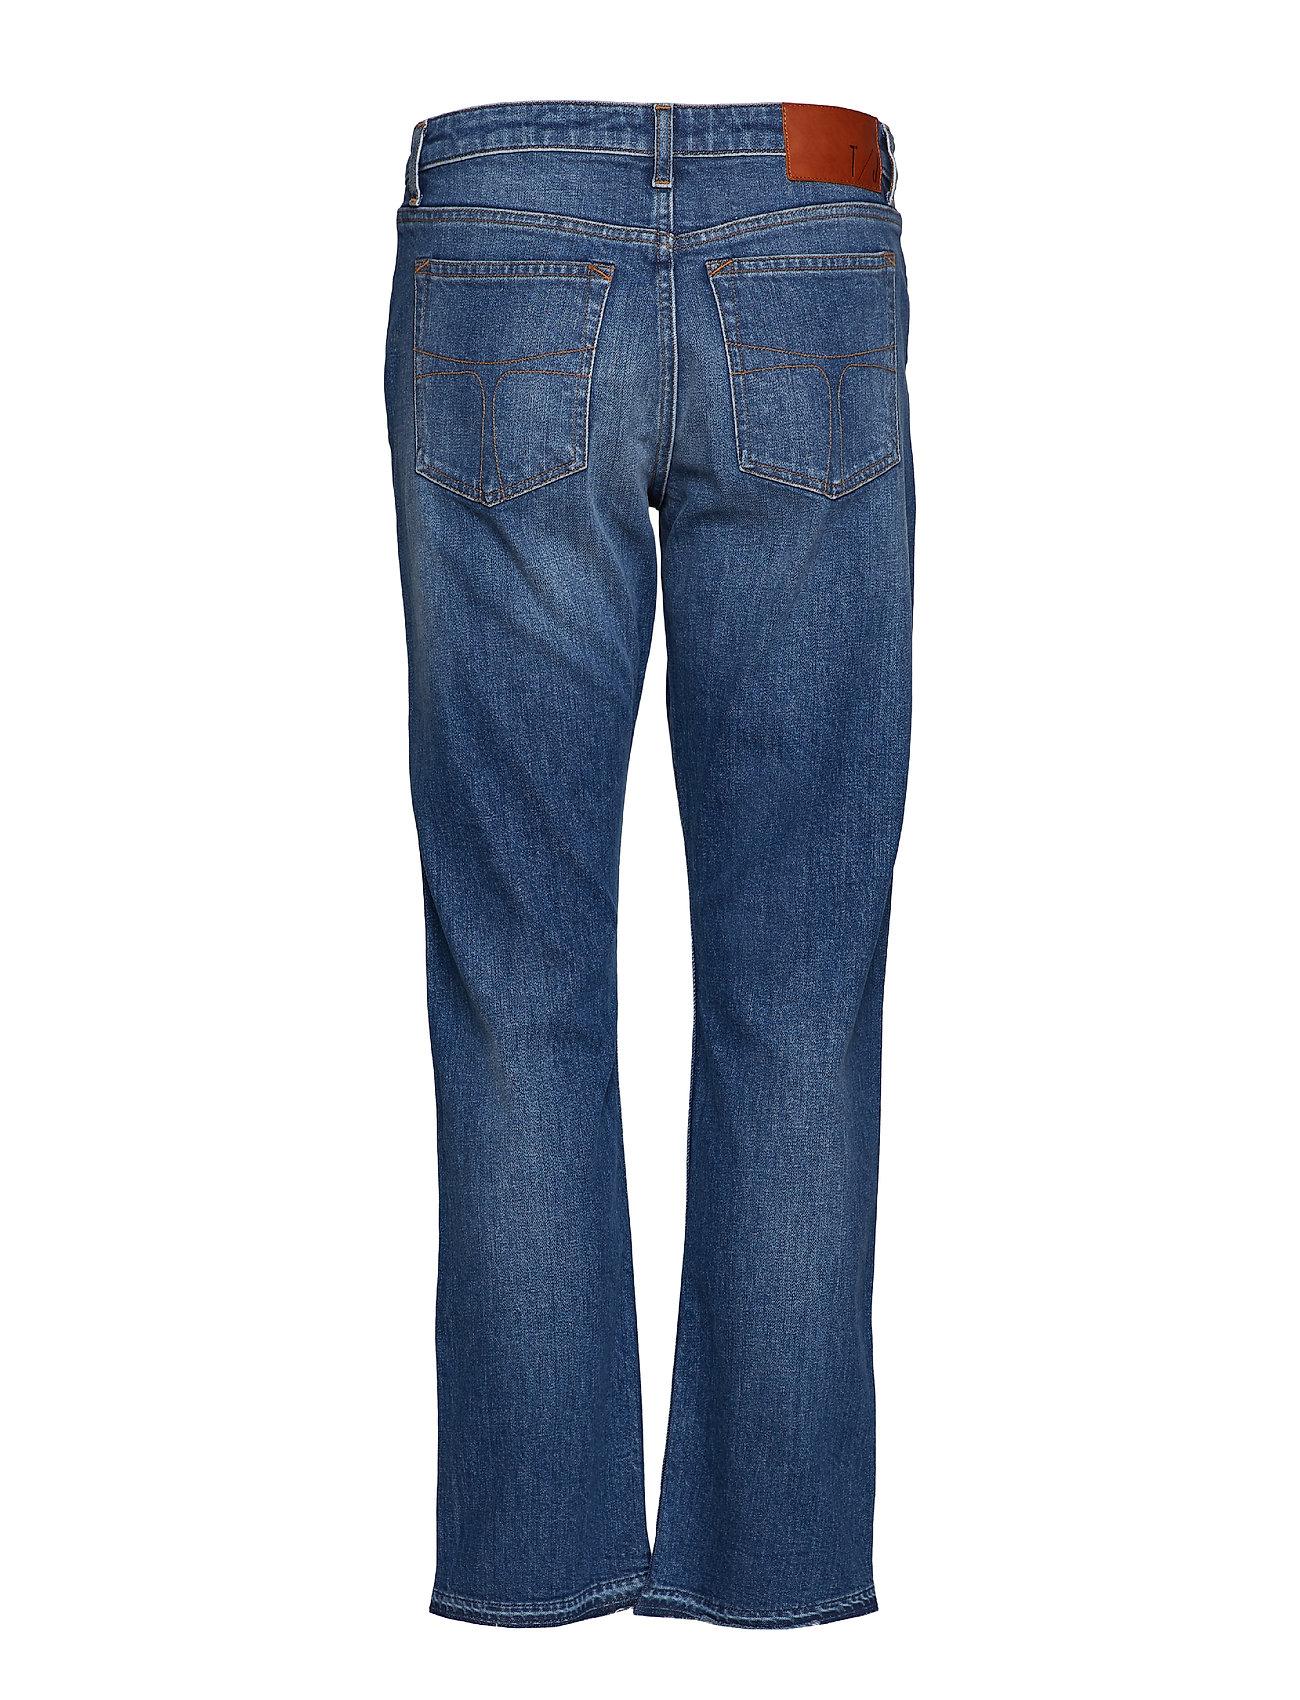 Tiger of Sweden Jeans AUDE - MEDIUM BLUE